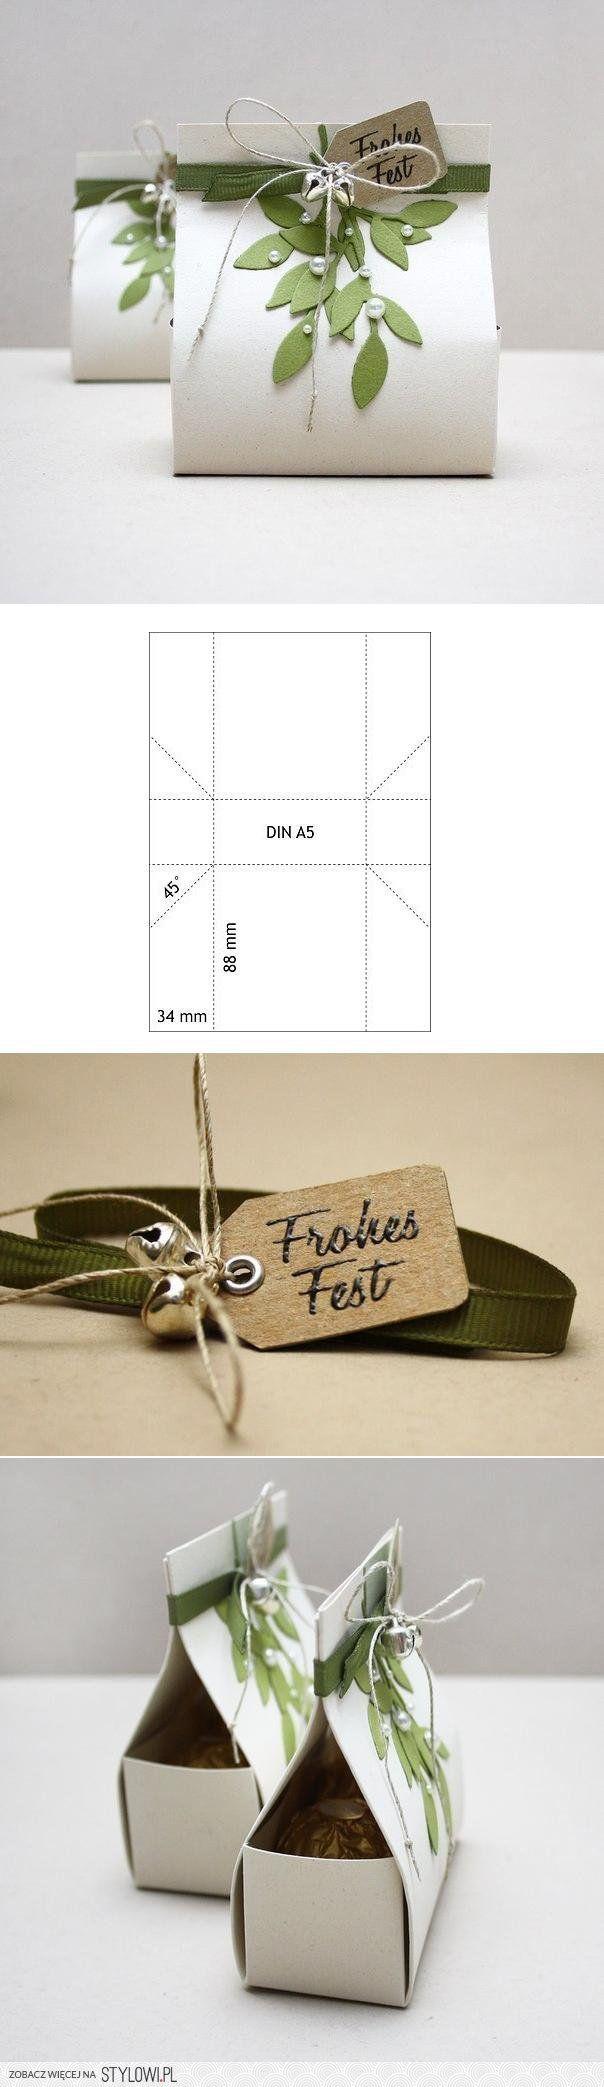 DIY Wonderful Gift Box DIY Projects | UsefulDIY.com na Stylowi.pl